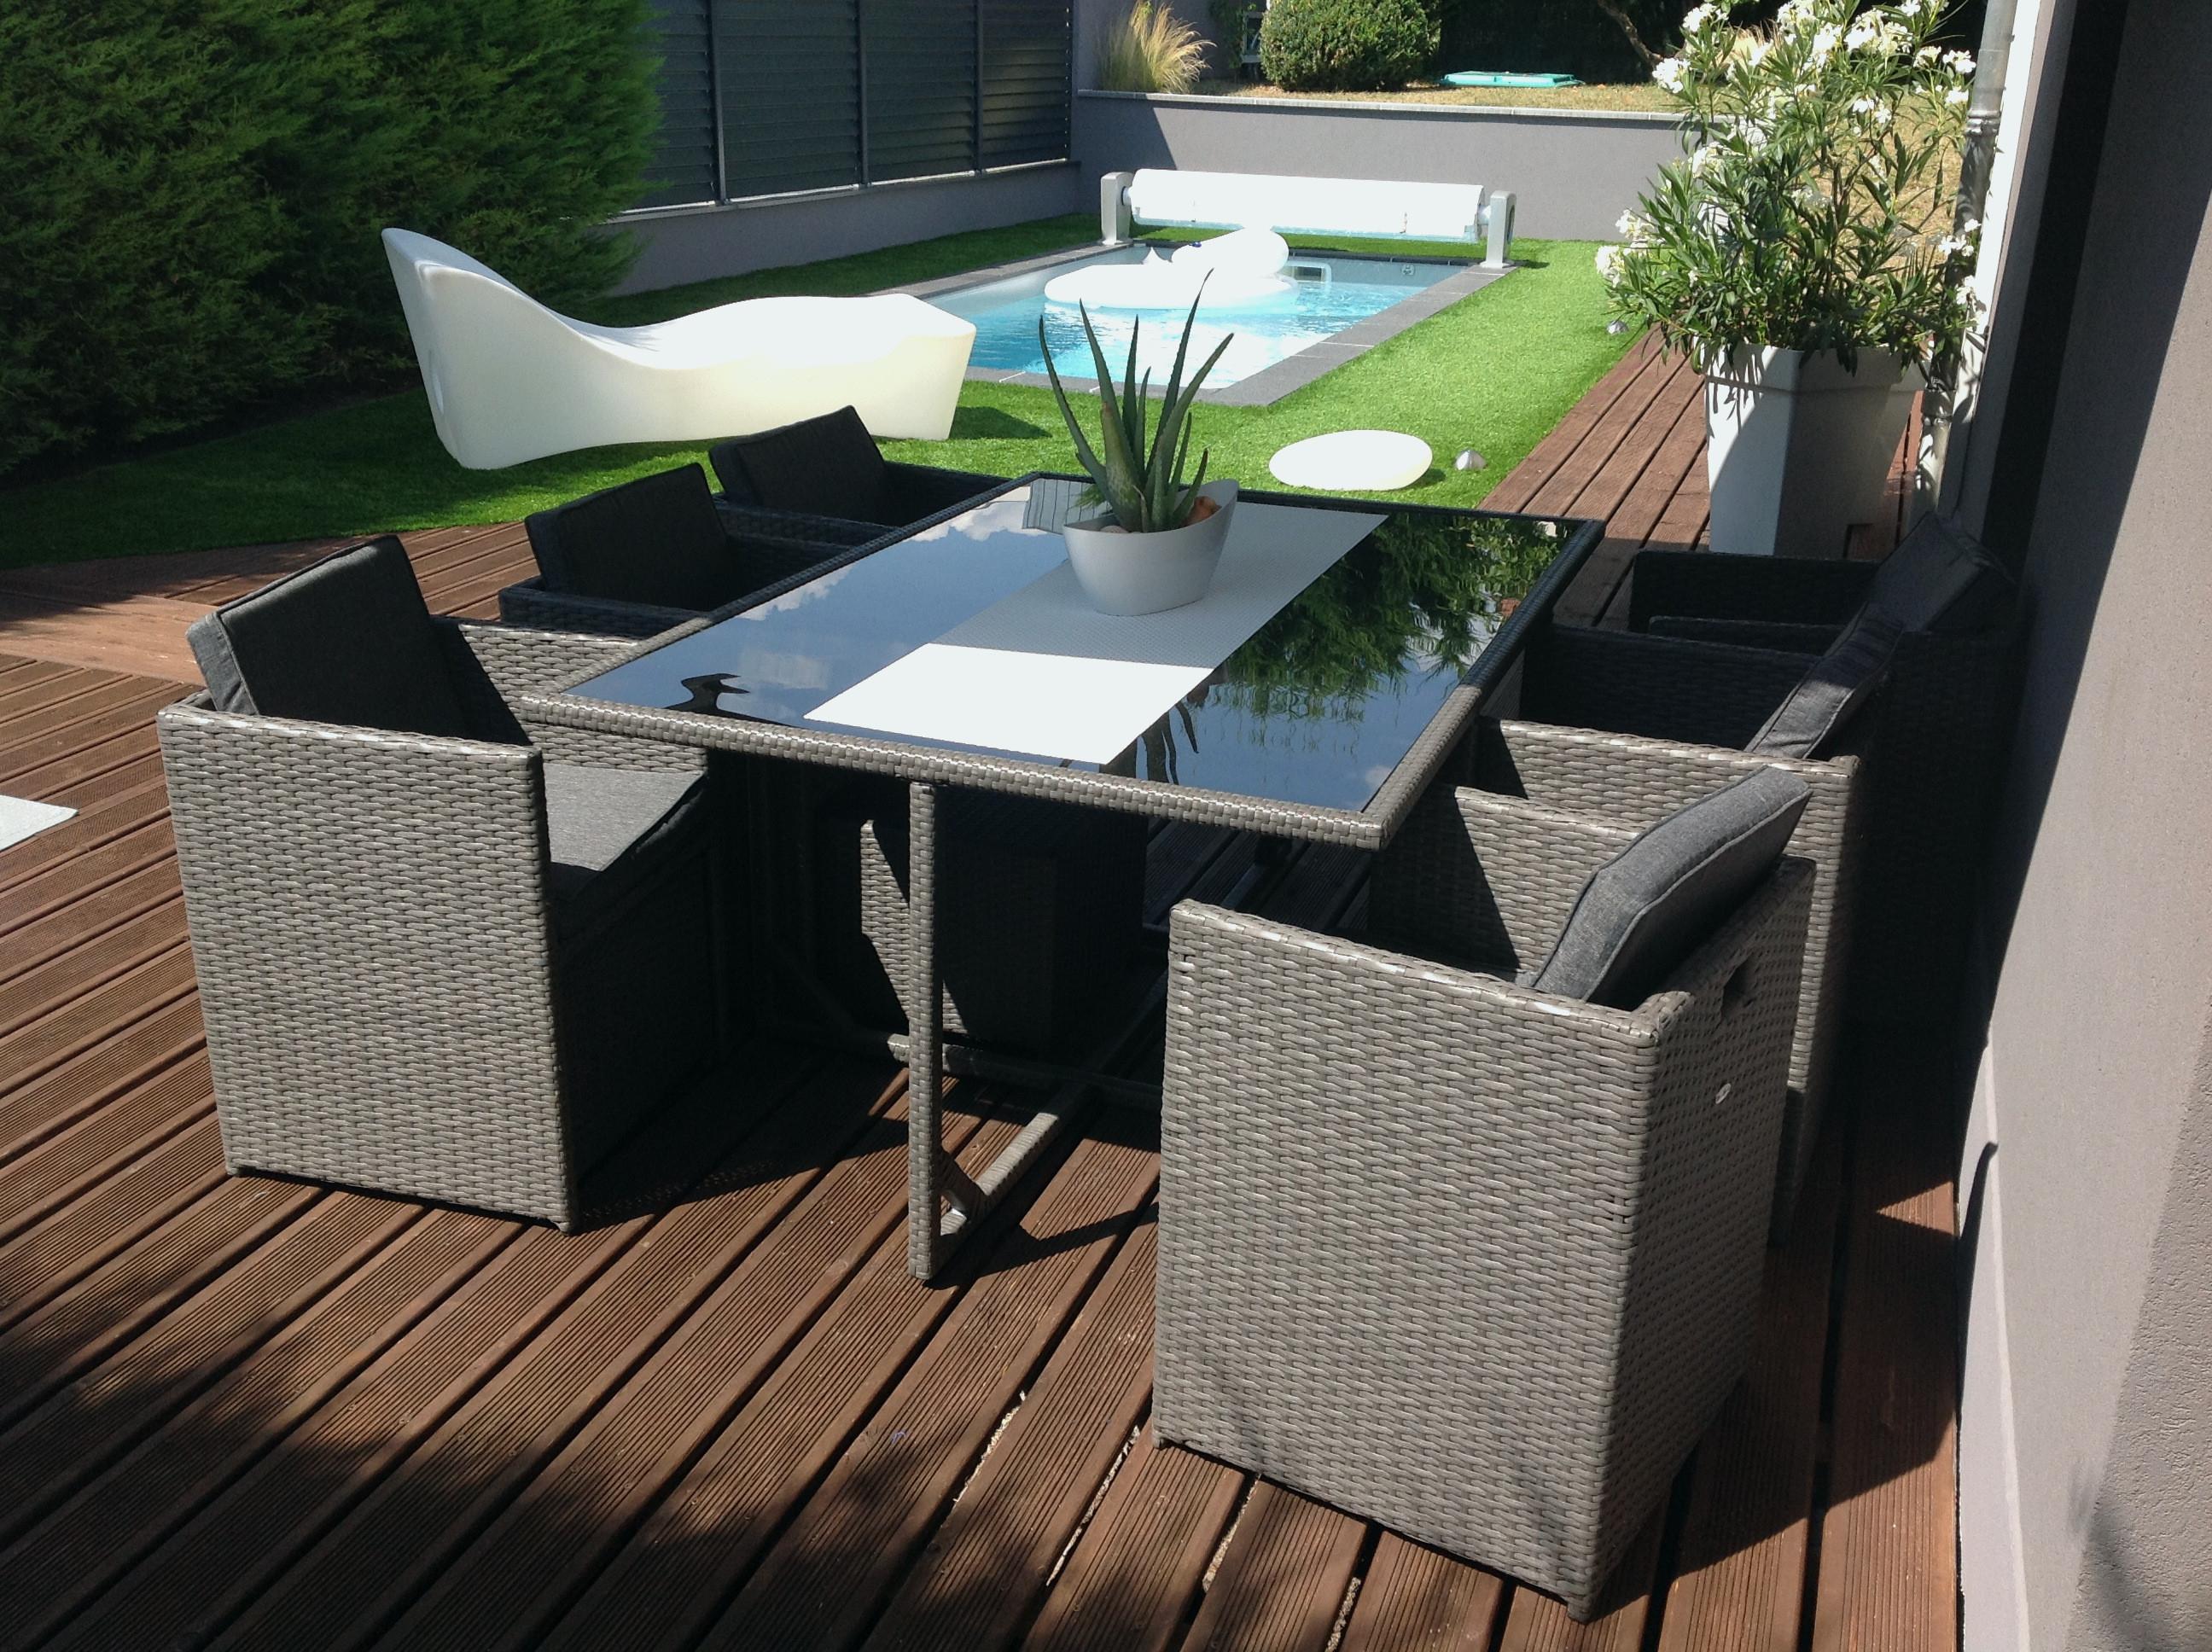 Resine Leroy Merlin Impressionnant Stock Salon De Jardin Resine Leroy Merlin Avec Collection En Salon Jardin